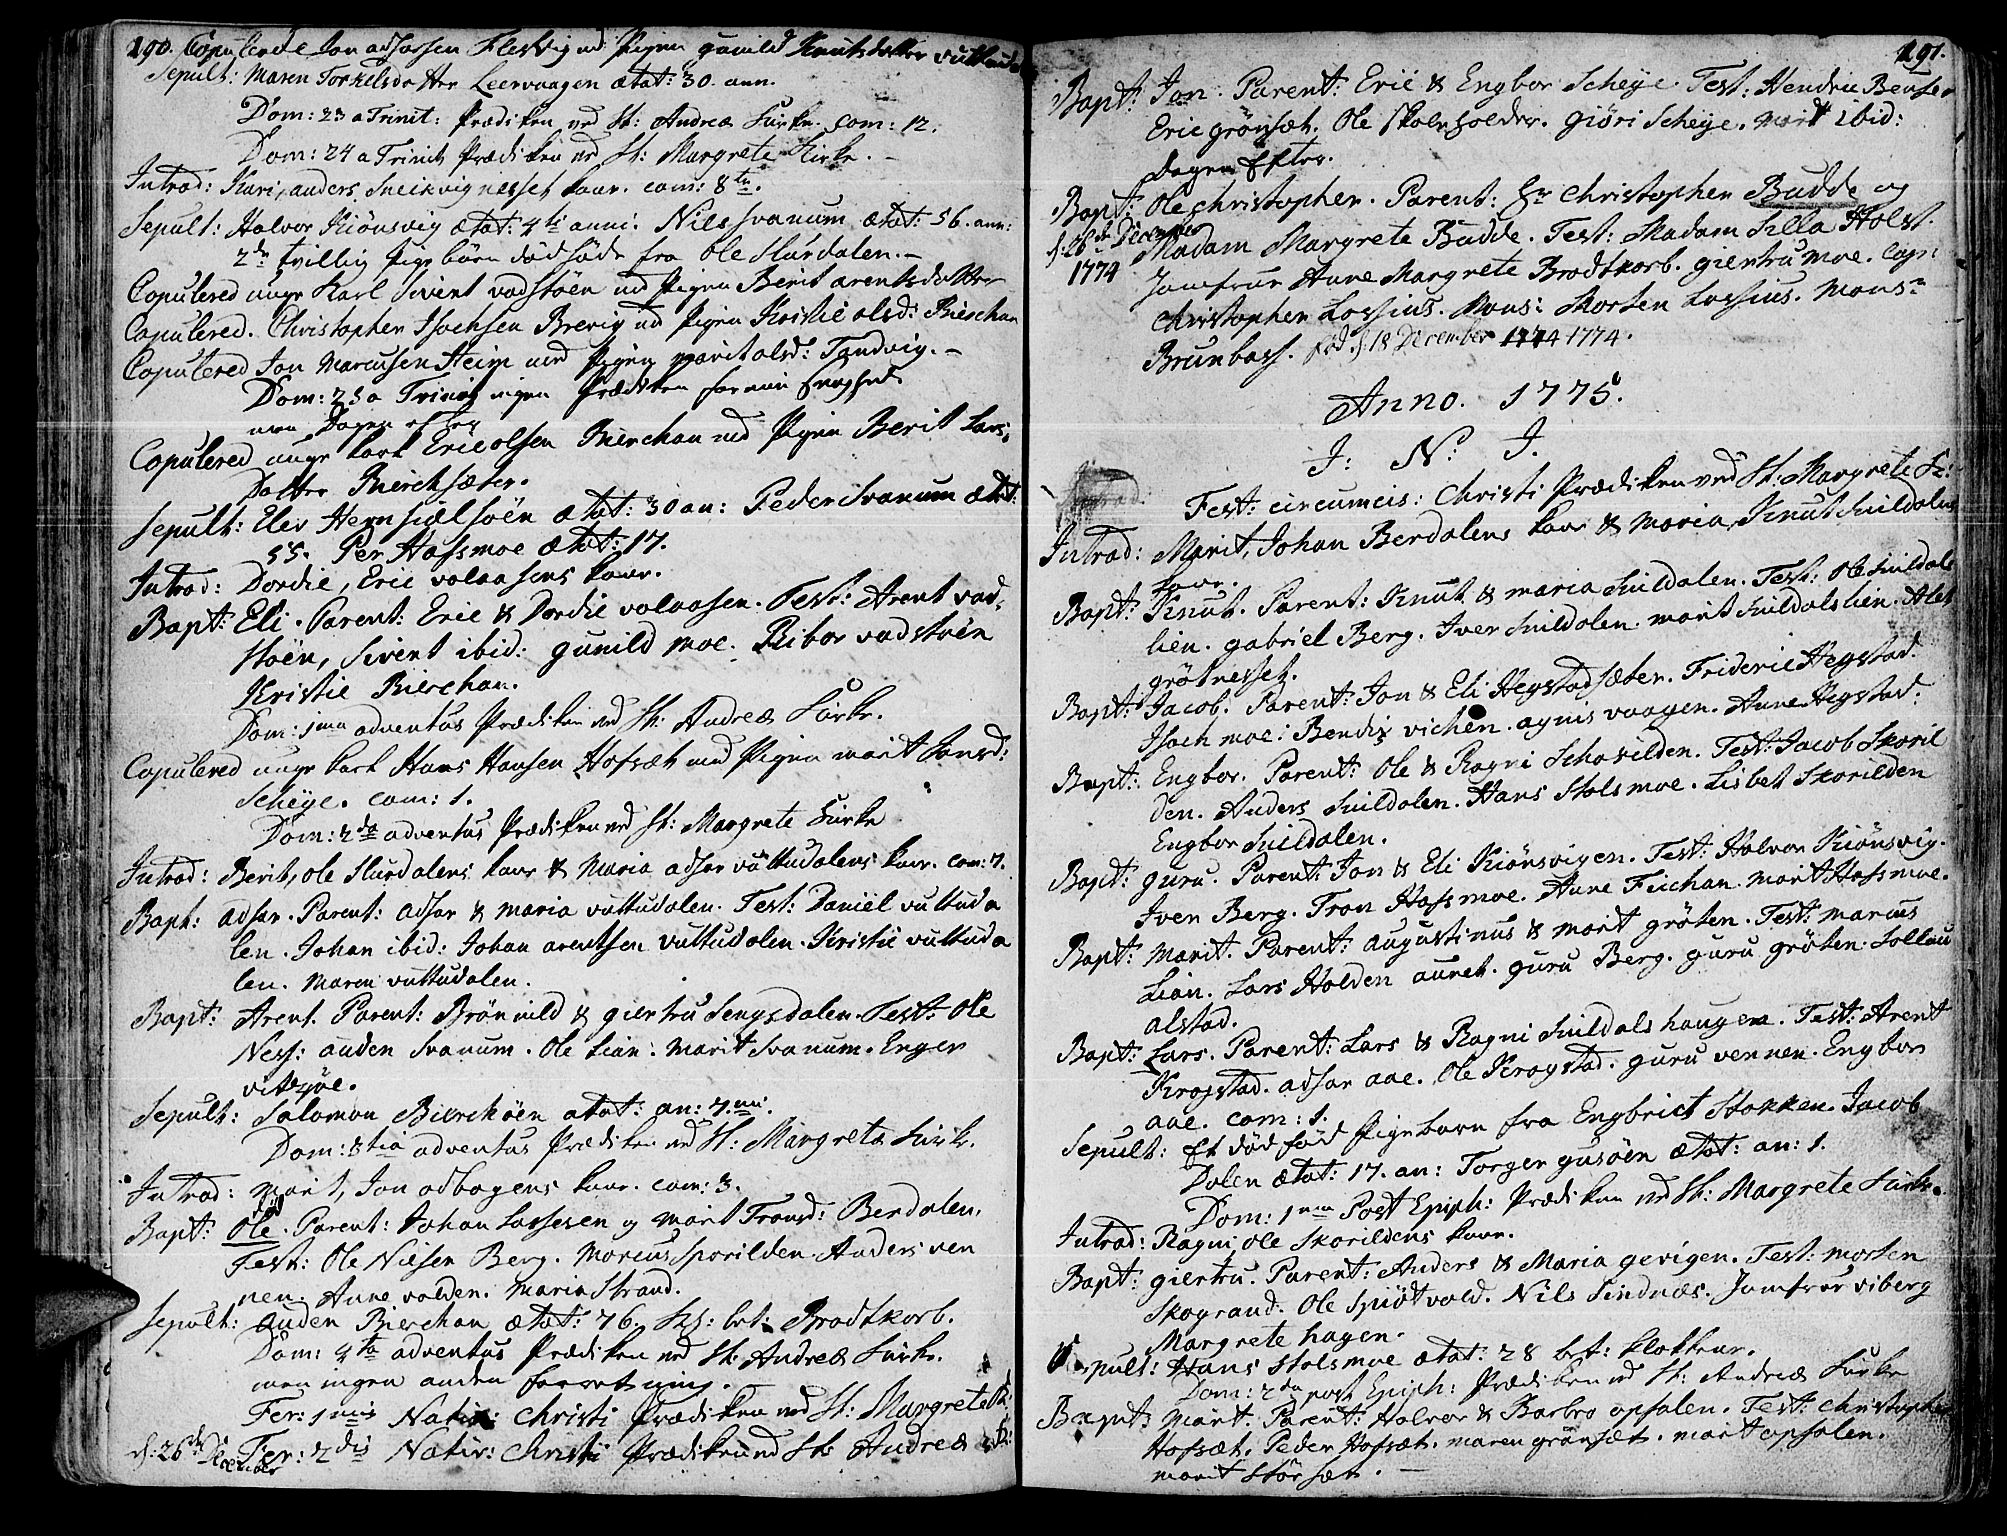 SAT, Ministerialprotokoller, klokkerbøker og fødselsregistre - Sør-Trøndelag, 630/L0489: Ministerialbok nr. 630A02, 1757-1794, s. 190-191